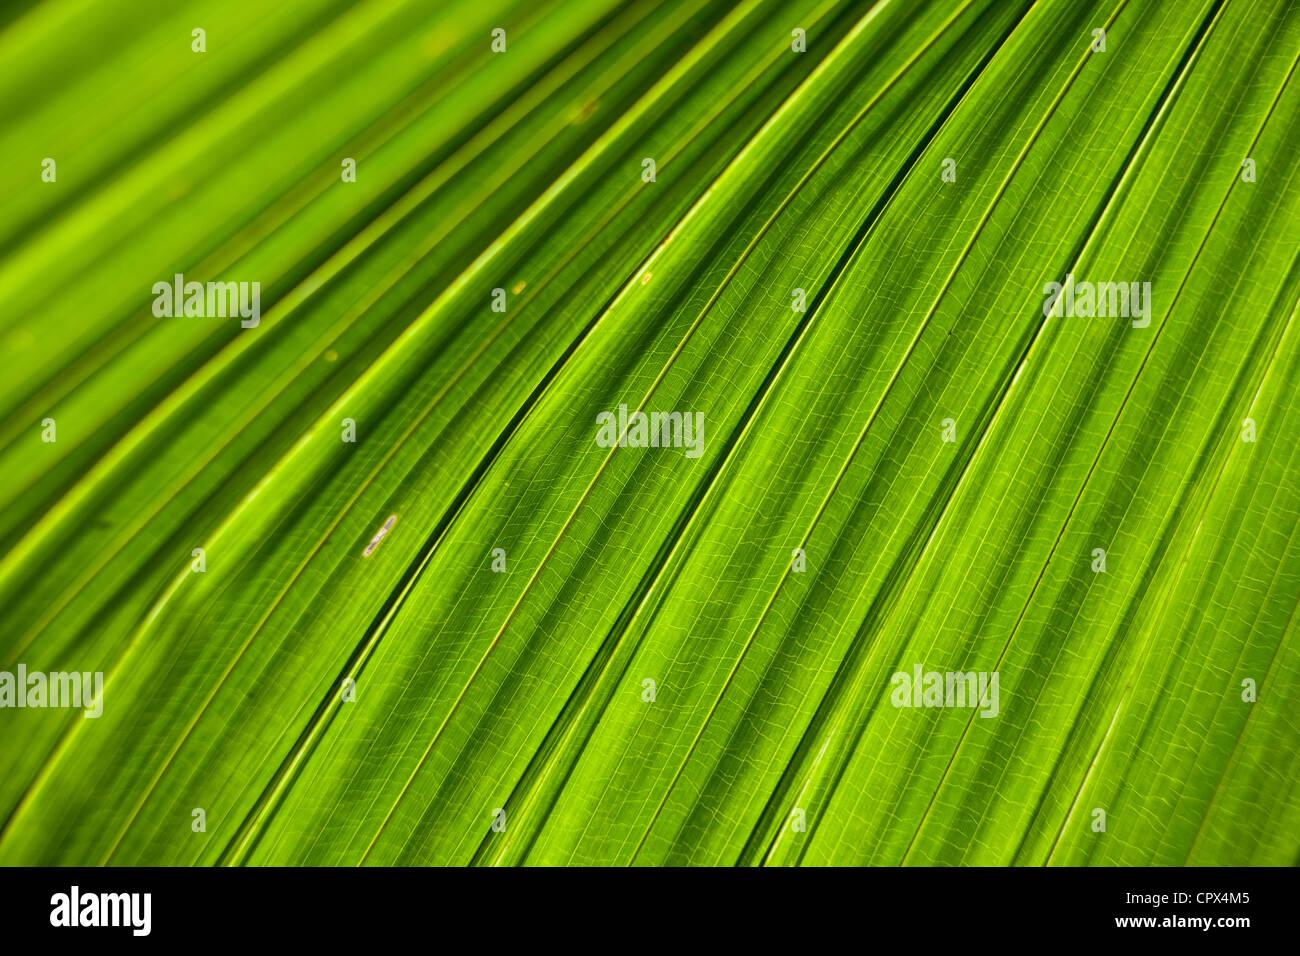 Blatt Detail, Siquijor, die Visayas, Philippinen Stockbild